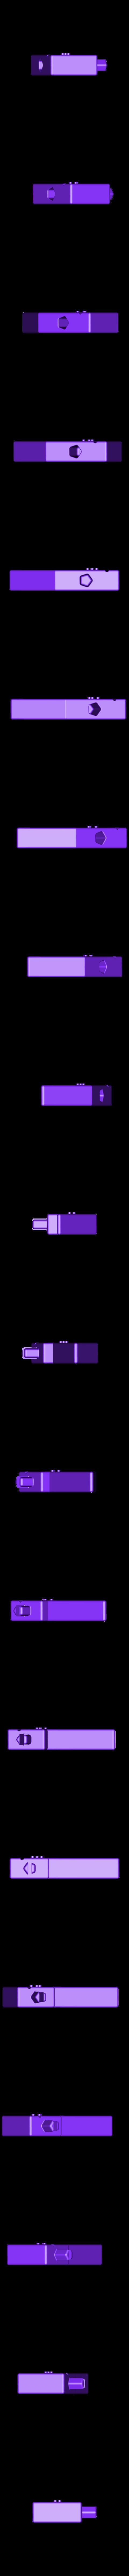 O.stl Télécharger fichier STL gratuit Puzzle braille Fittle Boat • Modèle à imprimer en 3D, Fittle